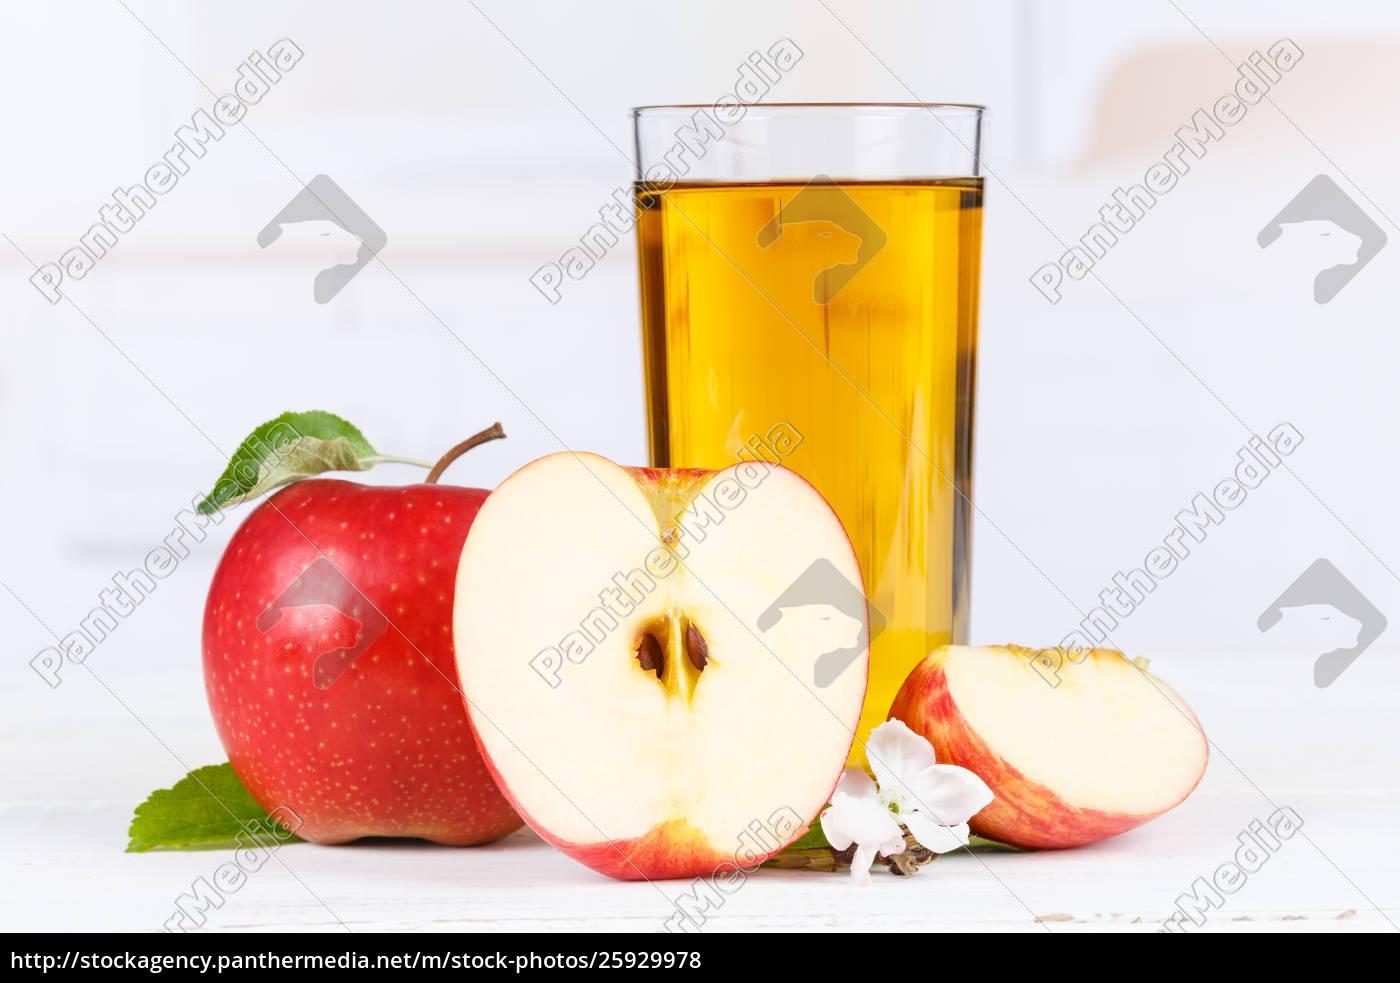 succo, di, mela, mele, bevendo, il - 25929978